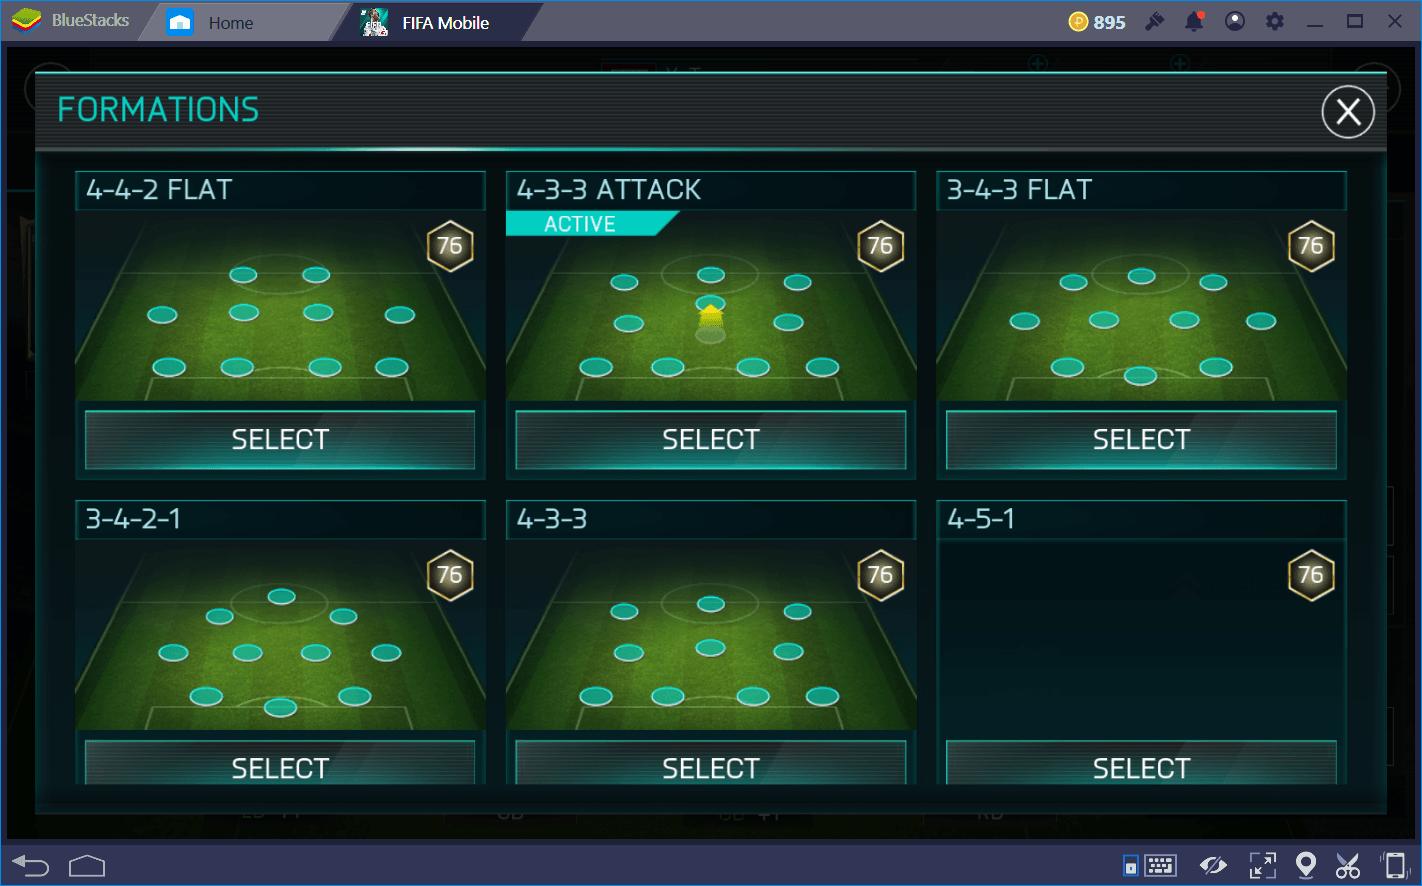 FIFA Fußball (FIFA Mobile) Tipps und Tricks